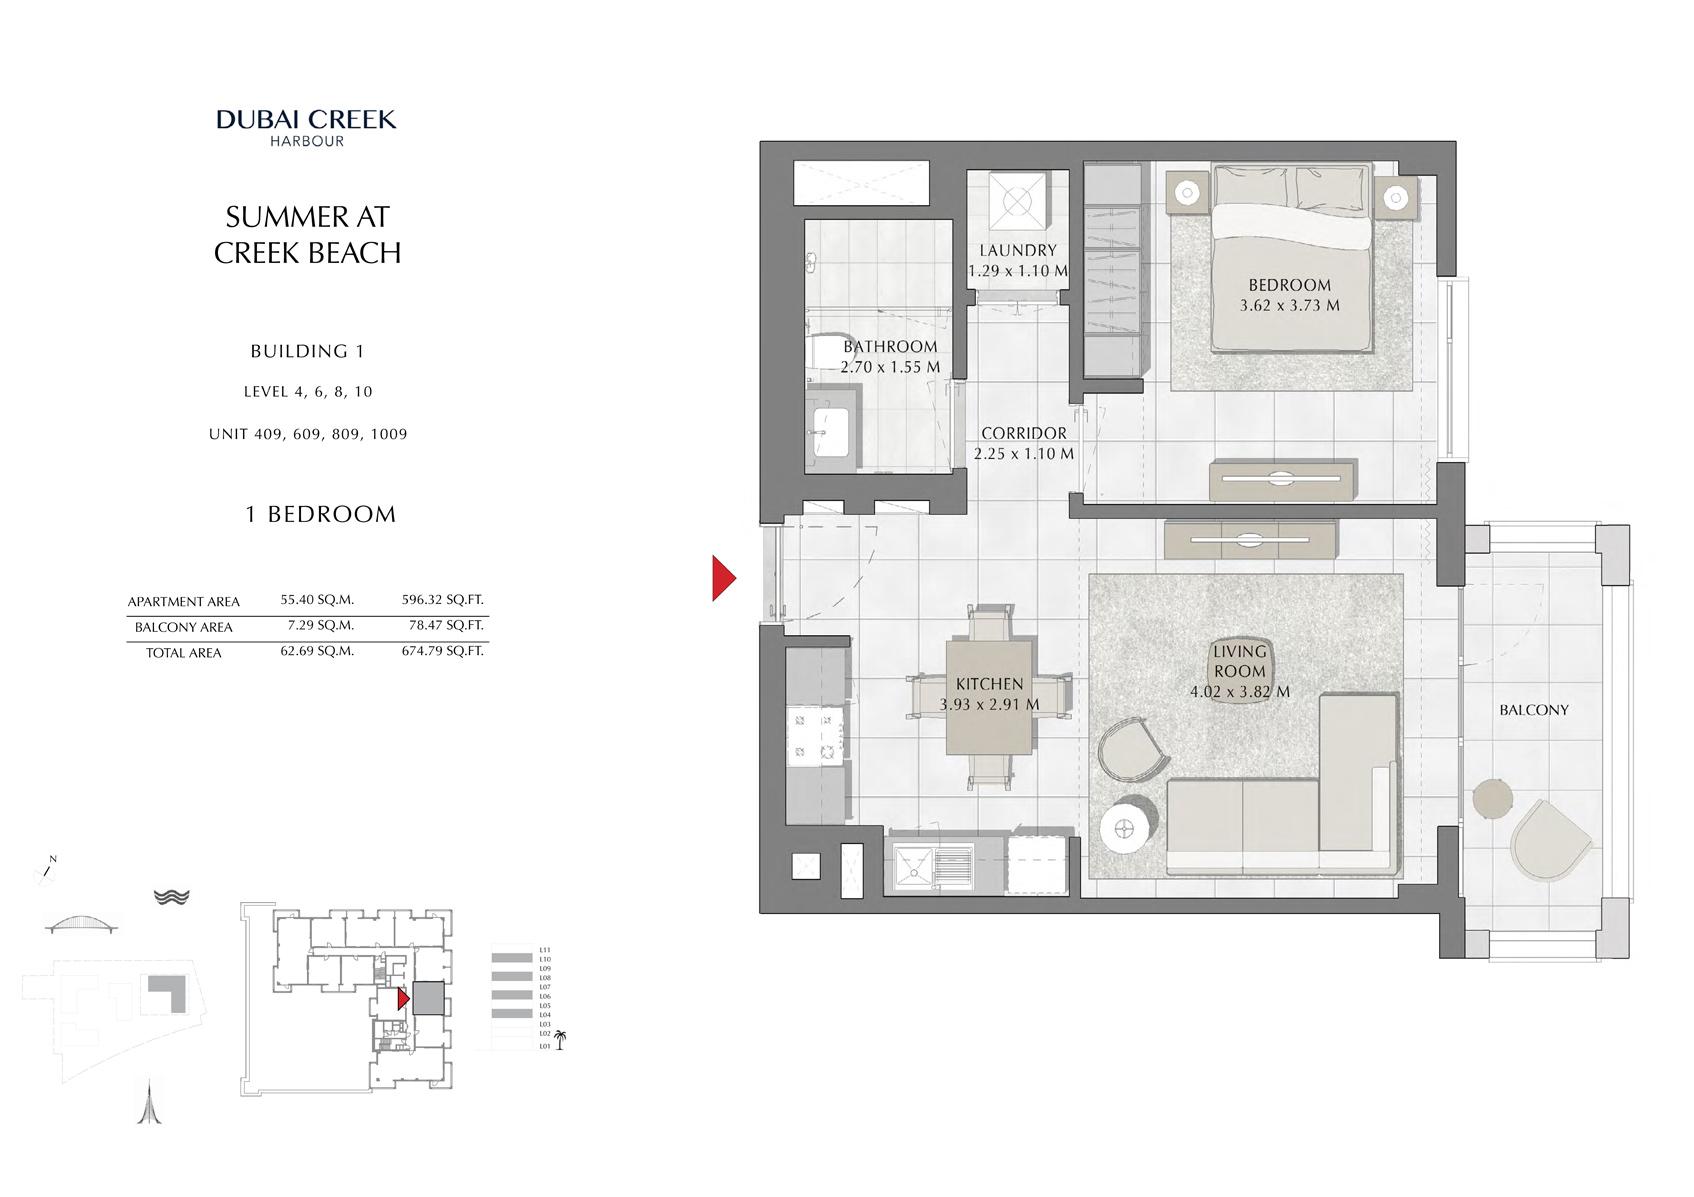 1 Br Building 1 Level-4-6-8-10 Unit 409-609-809-1009, Size 674 Sq Ft